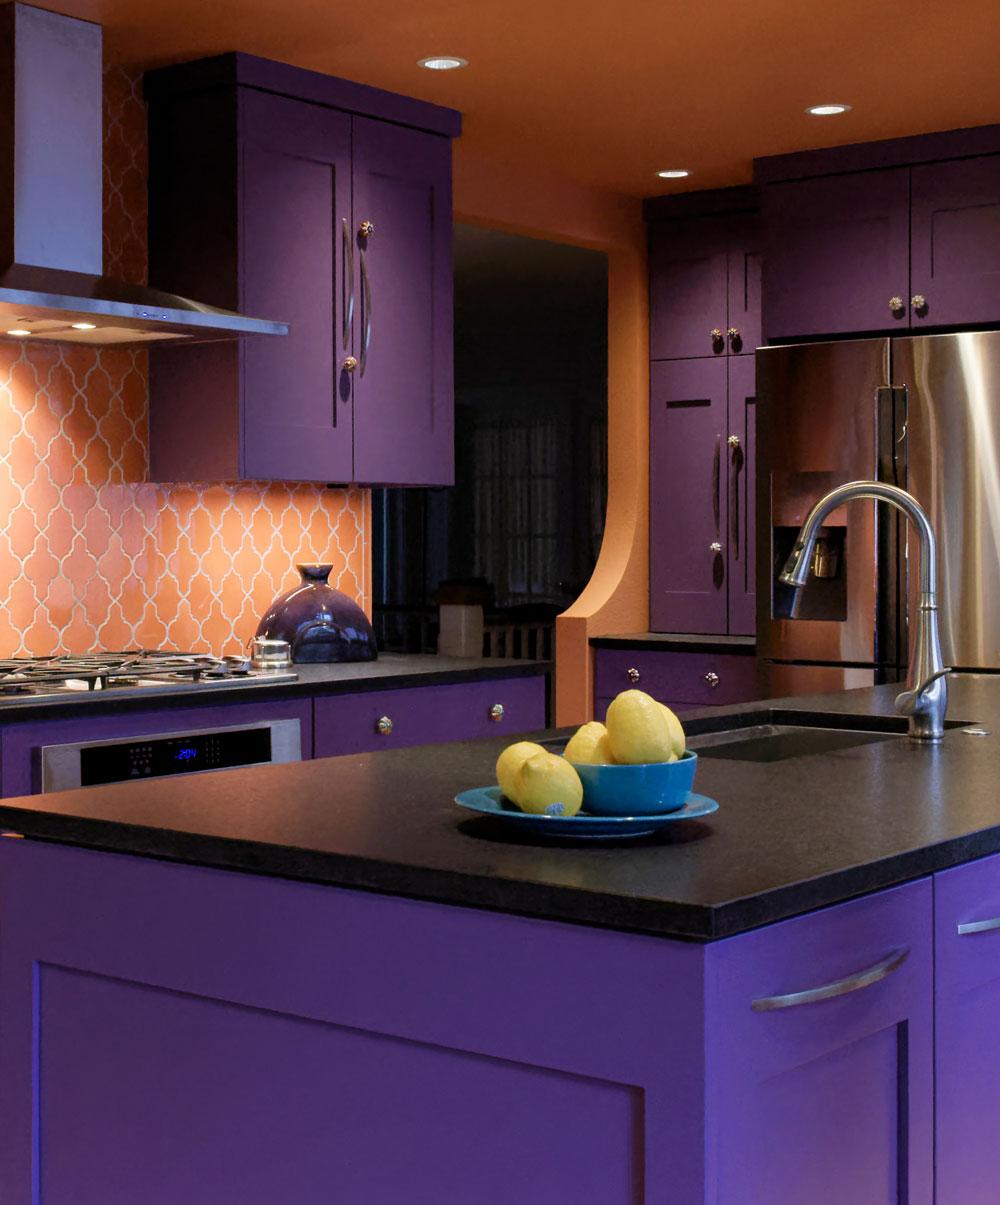 Home Remodel Unique Purple Cabinet Design